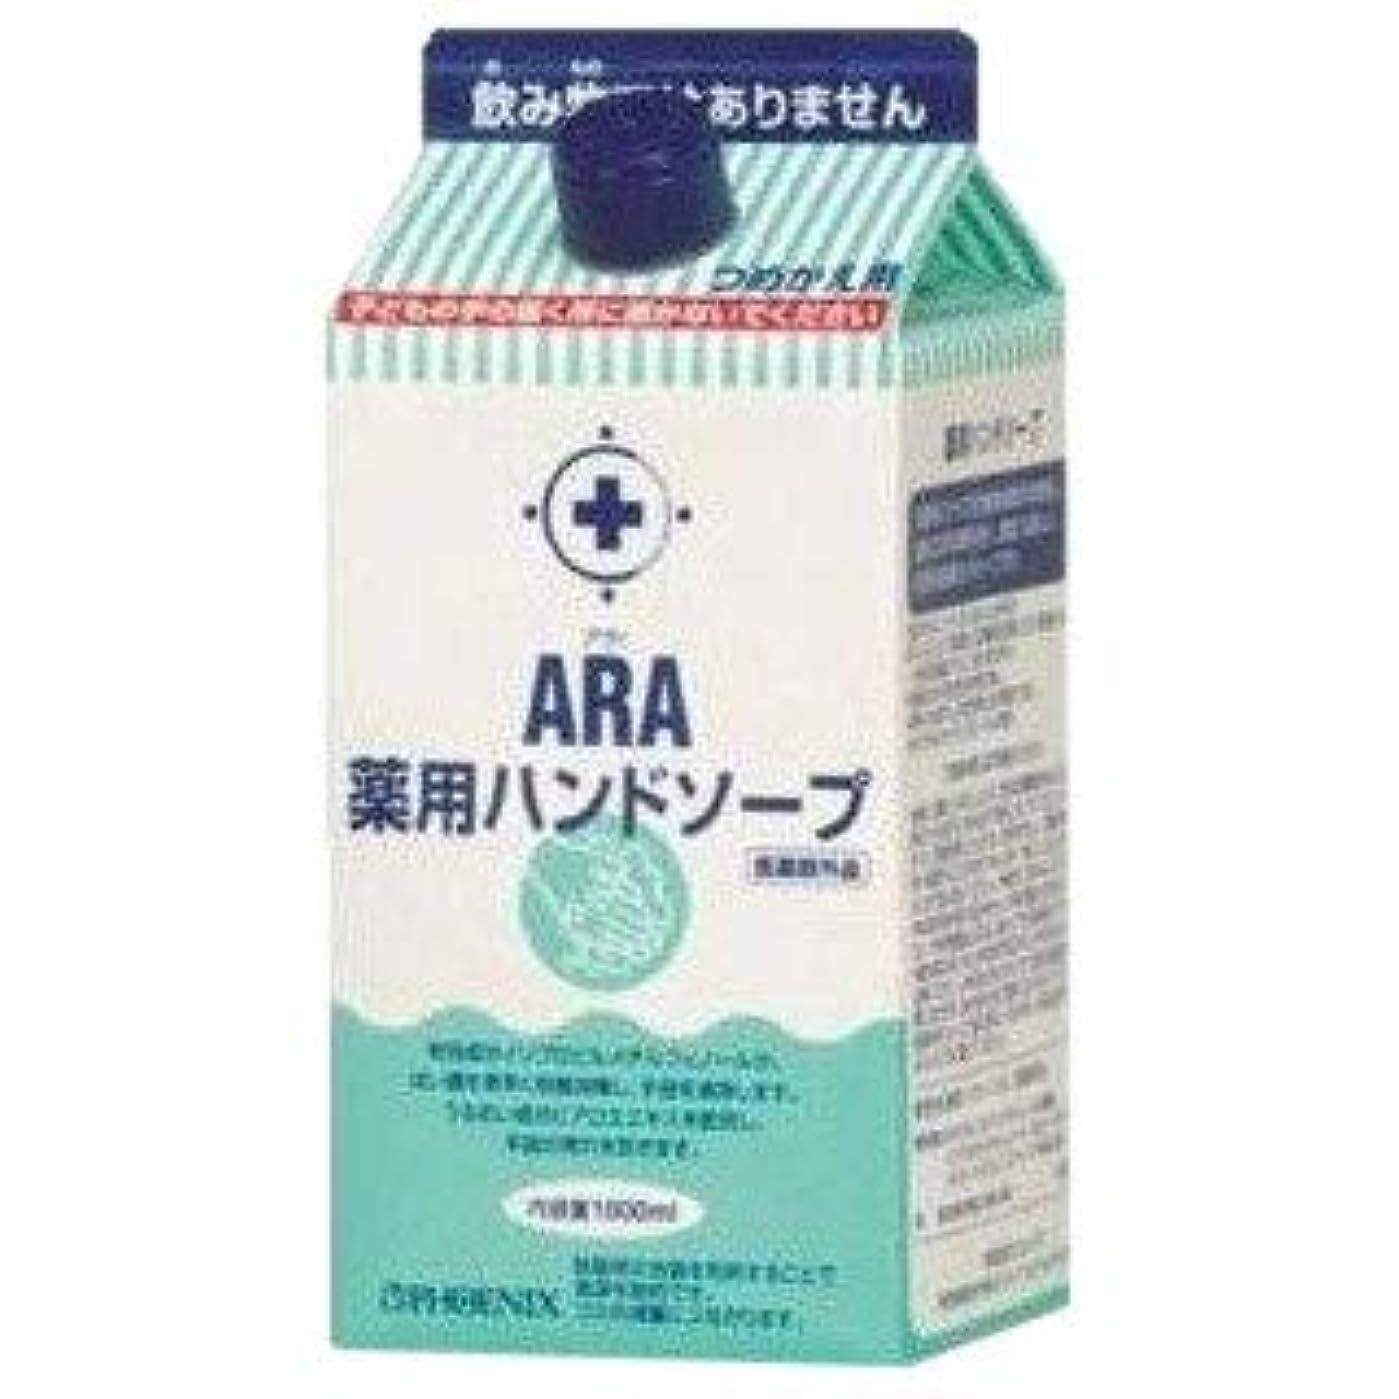 人価値破壊的なARA 薬用ハンドソープ(詰め替え用) 1000ml×12入